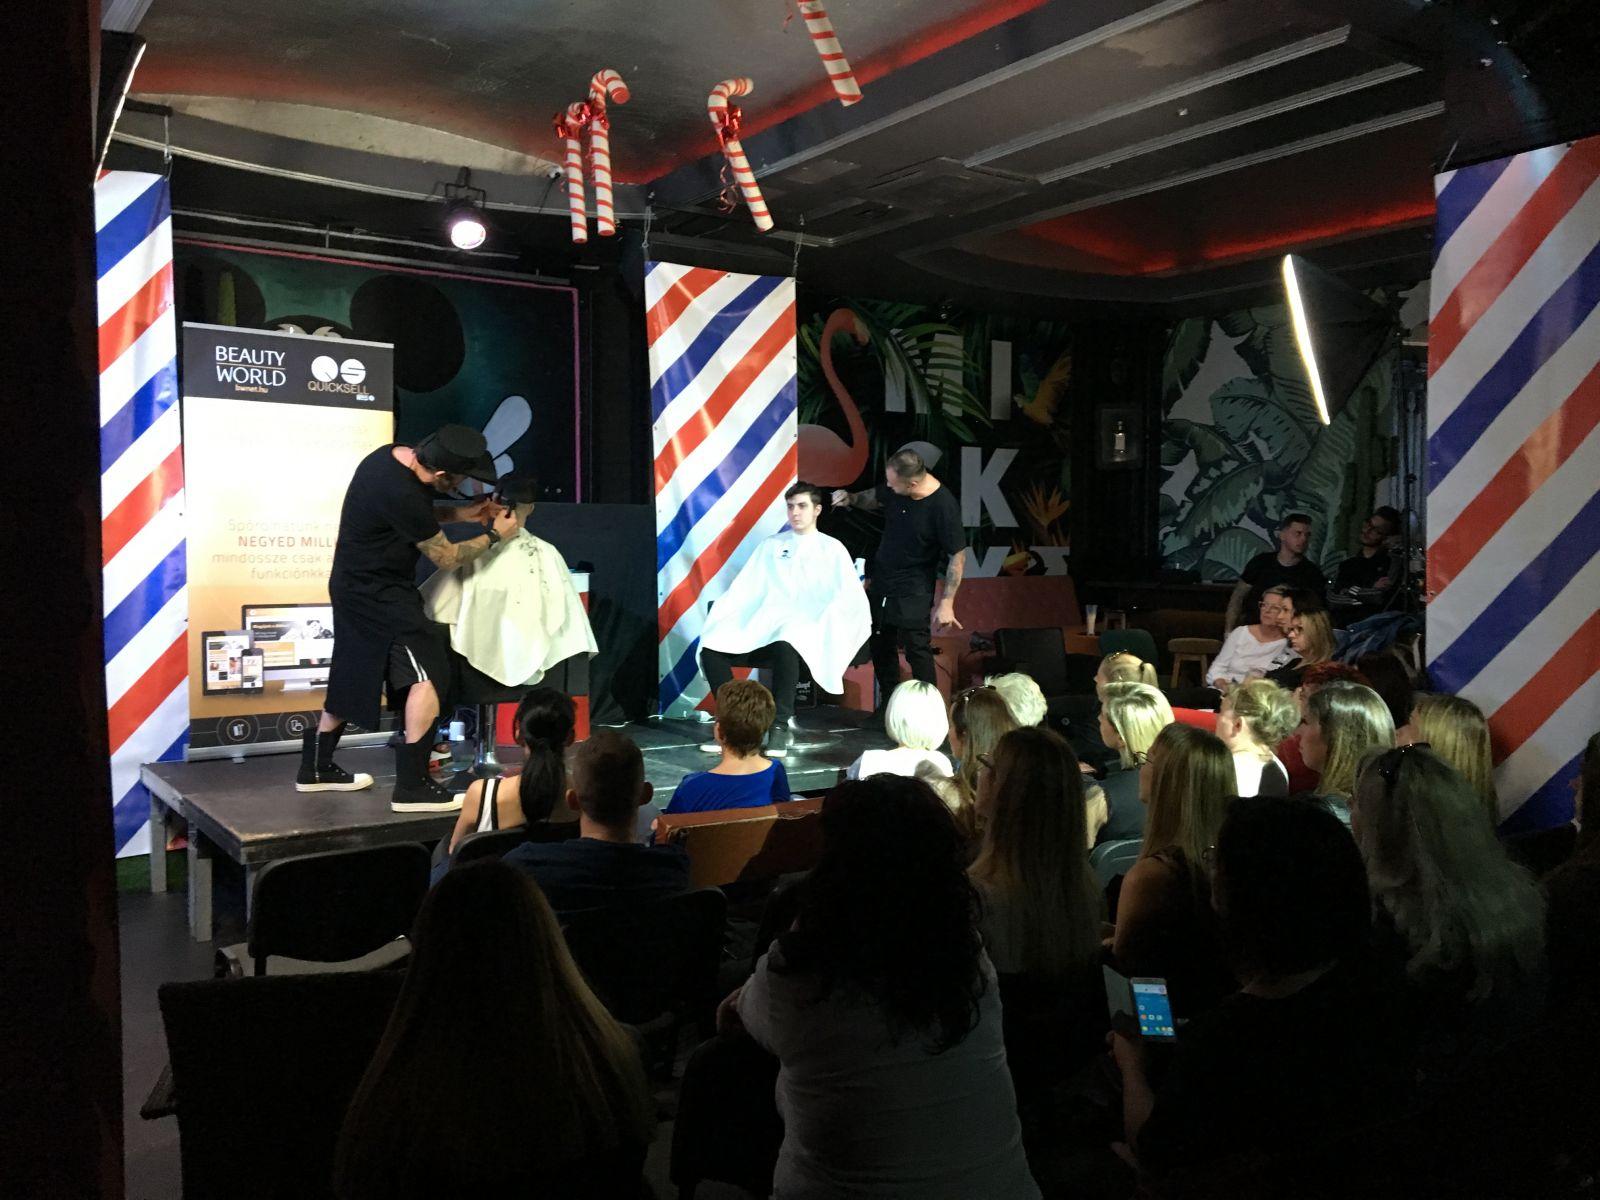 new school barber képzés, new school barber roadshow, bwnet, beauty world net, online időpontfoglalás, hedge hair, fodrászat budapest, fodrász oktatás, fodrász képzés, marosfalvi hair, marosfalvi szalon, barber képzés, new school barber oktatás, fodrász budapest